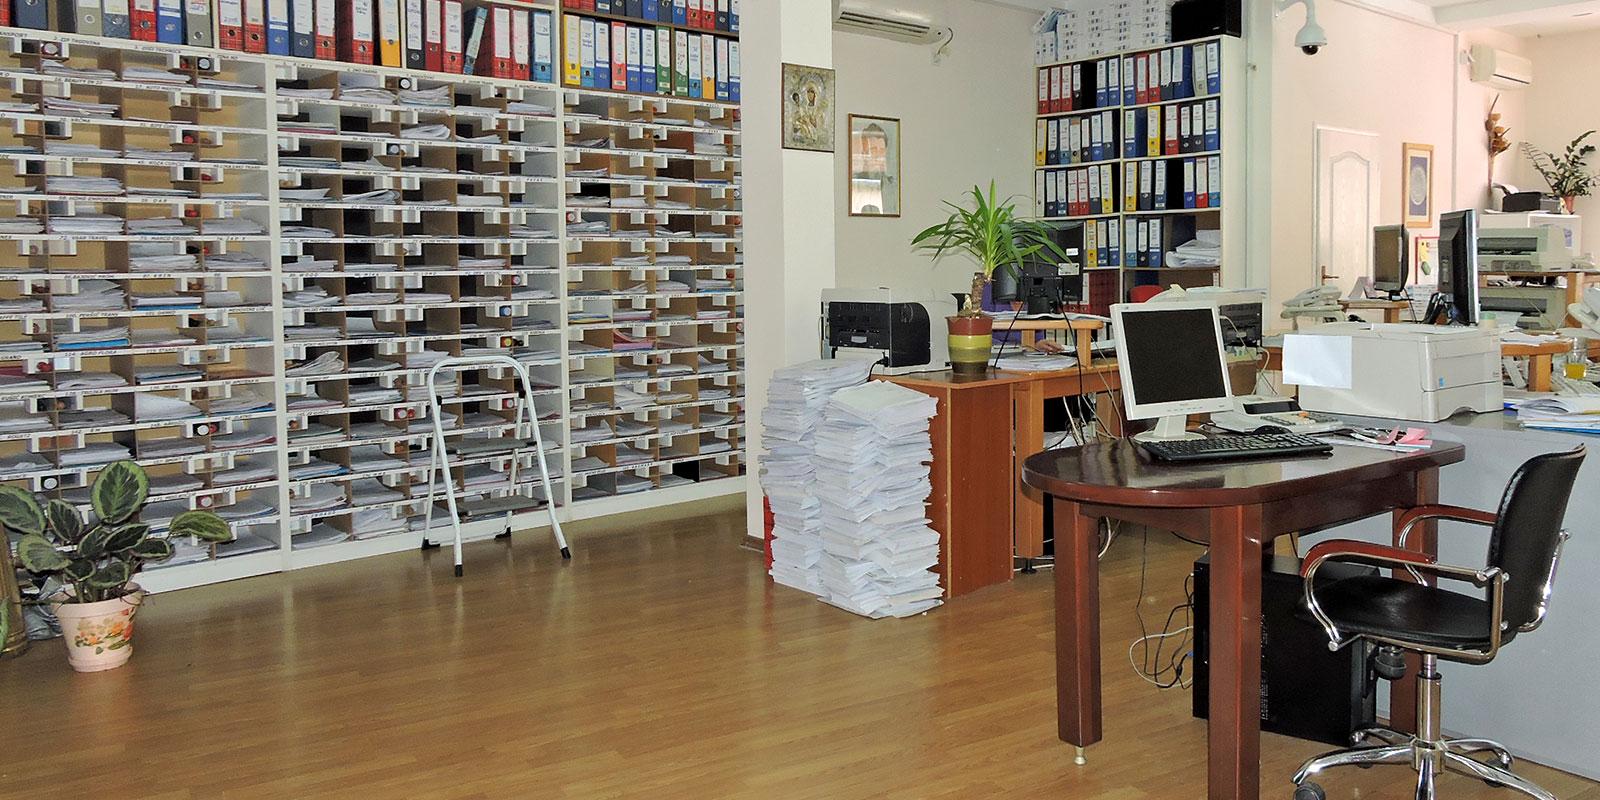 Cenovnik knjigovodstvenih usluga - Knjigovodstvena agencija Mega Sip Office Beograd